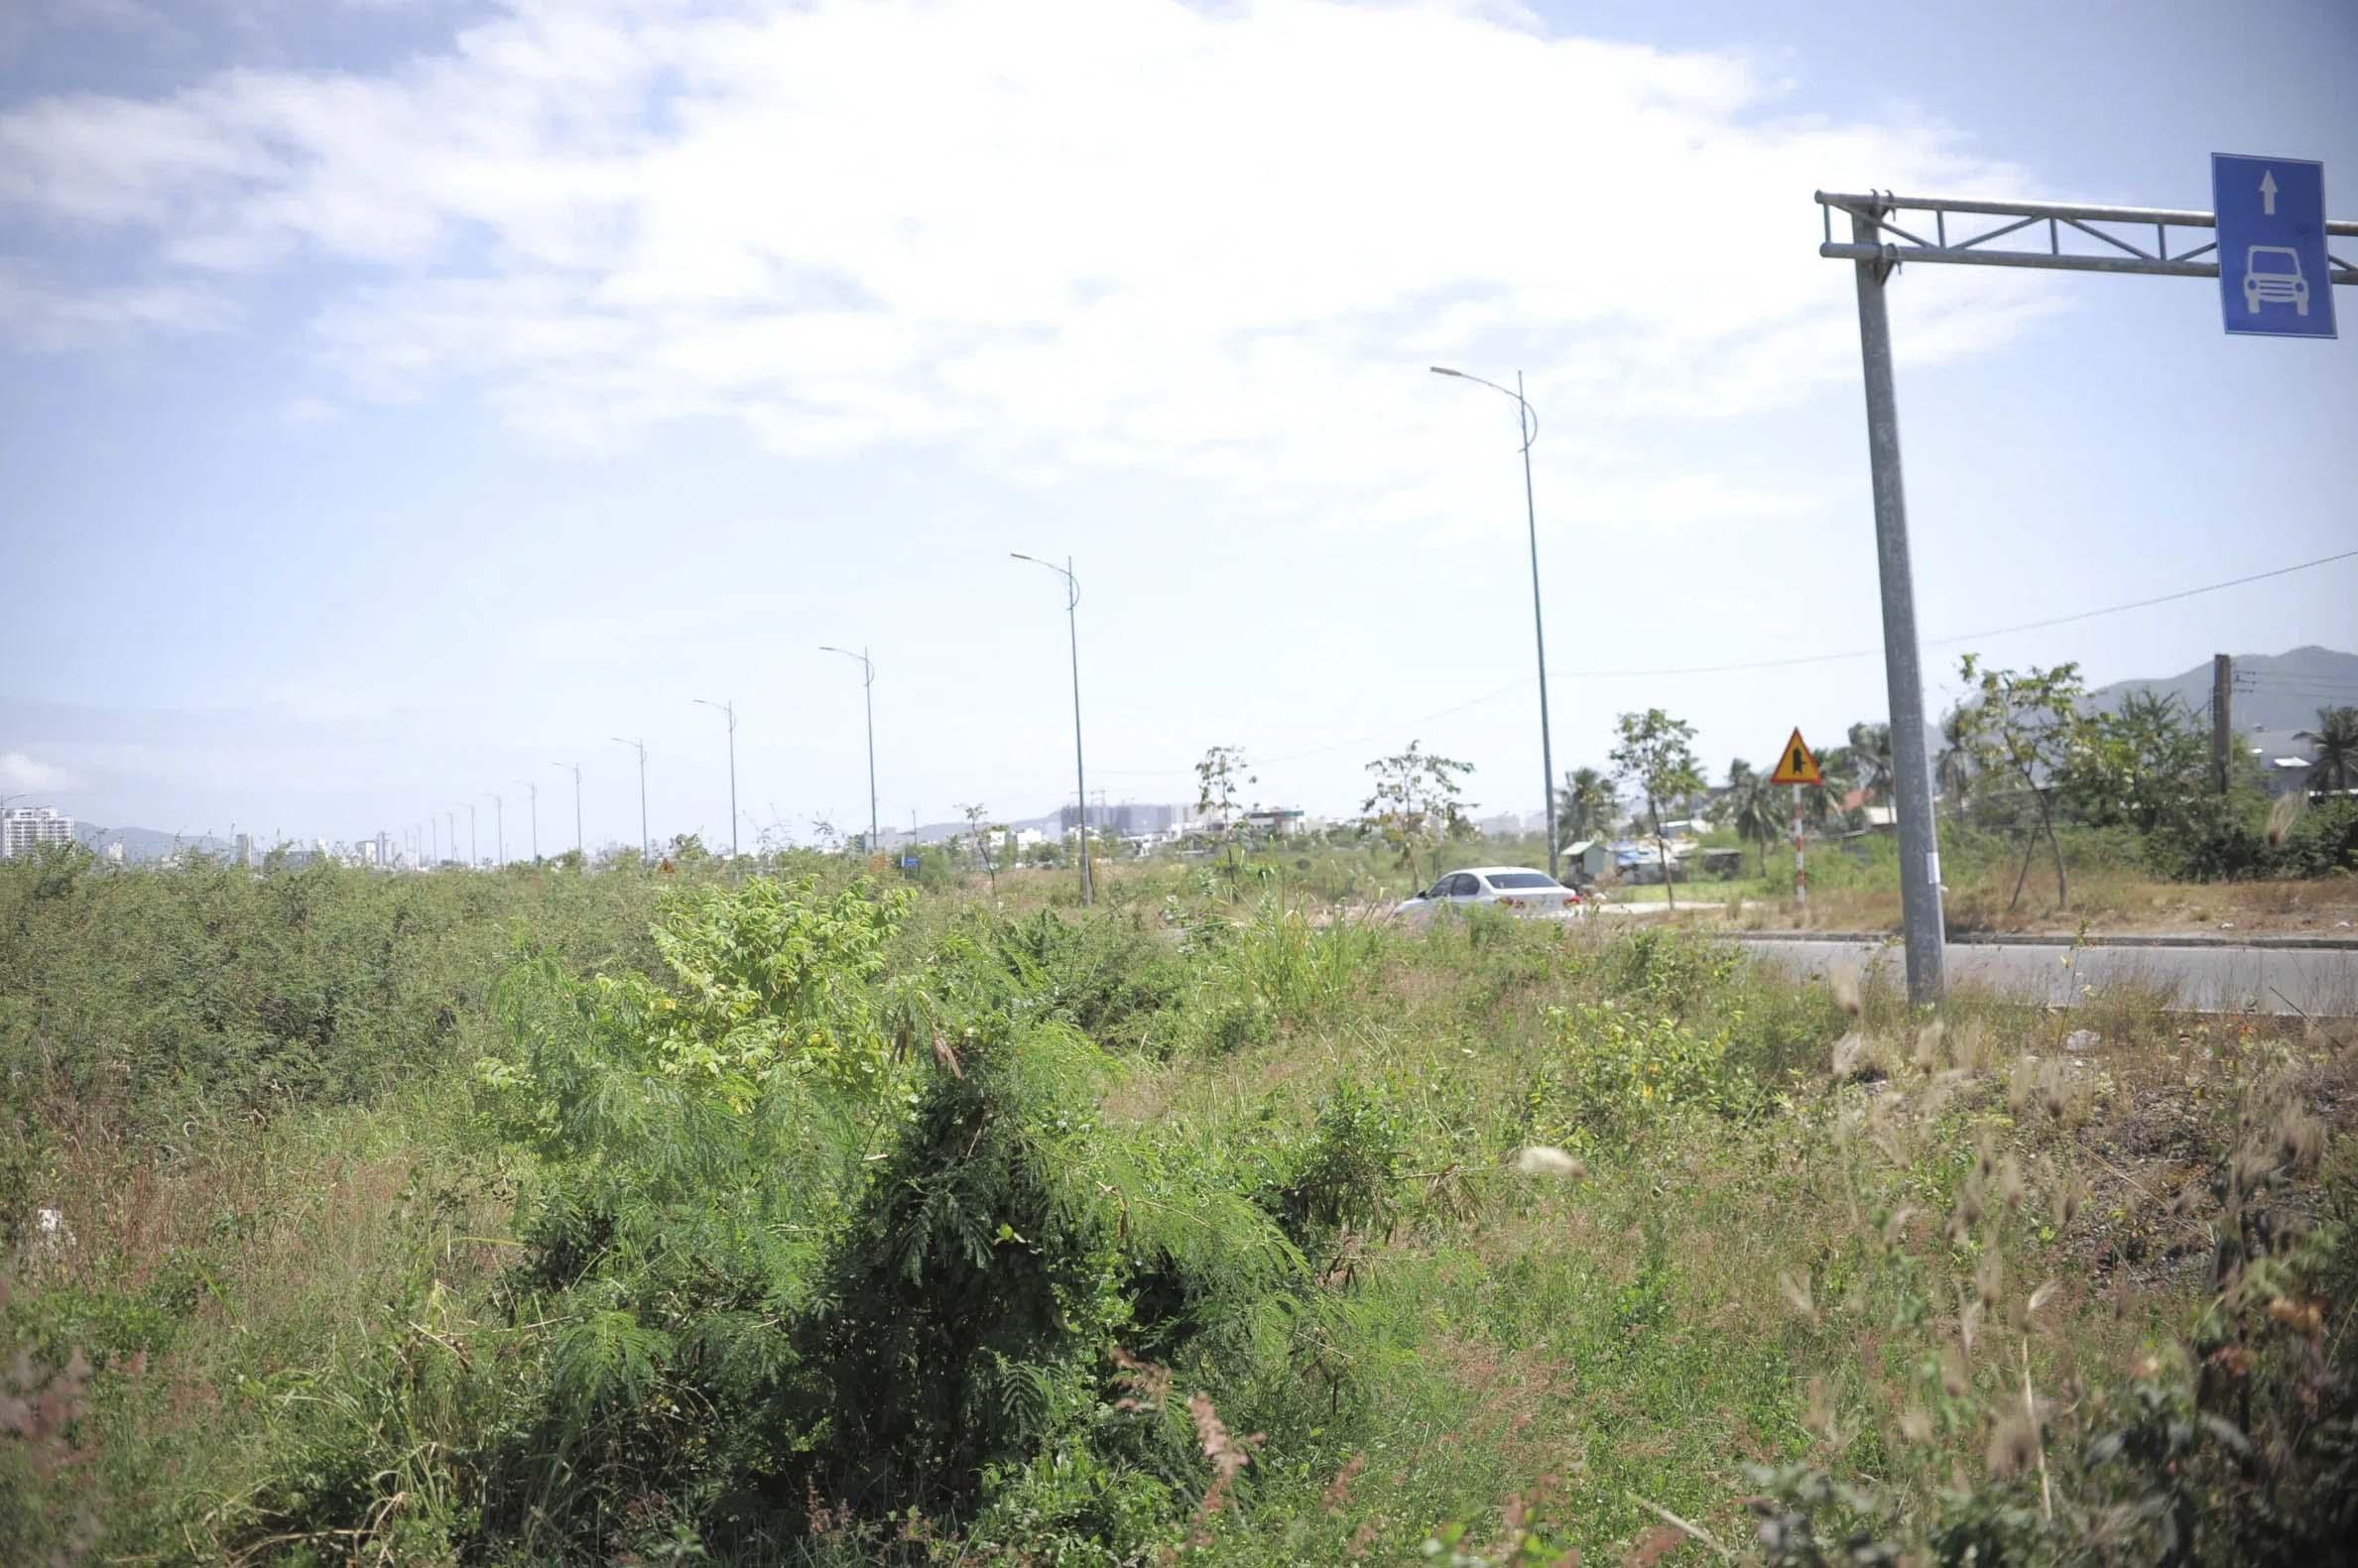 Đường Võ Nguyên Giáp sẽ được cải tạo lại cảnh quan thành cây xanh và tượng đá tạo hình